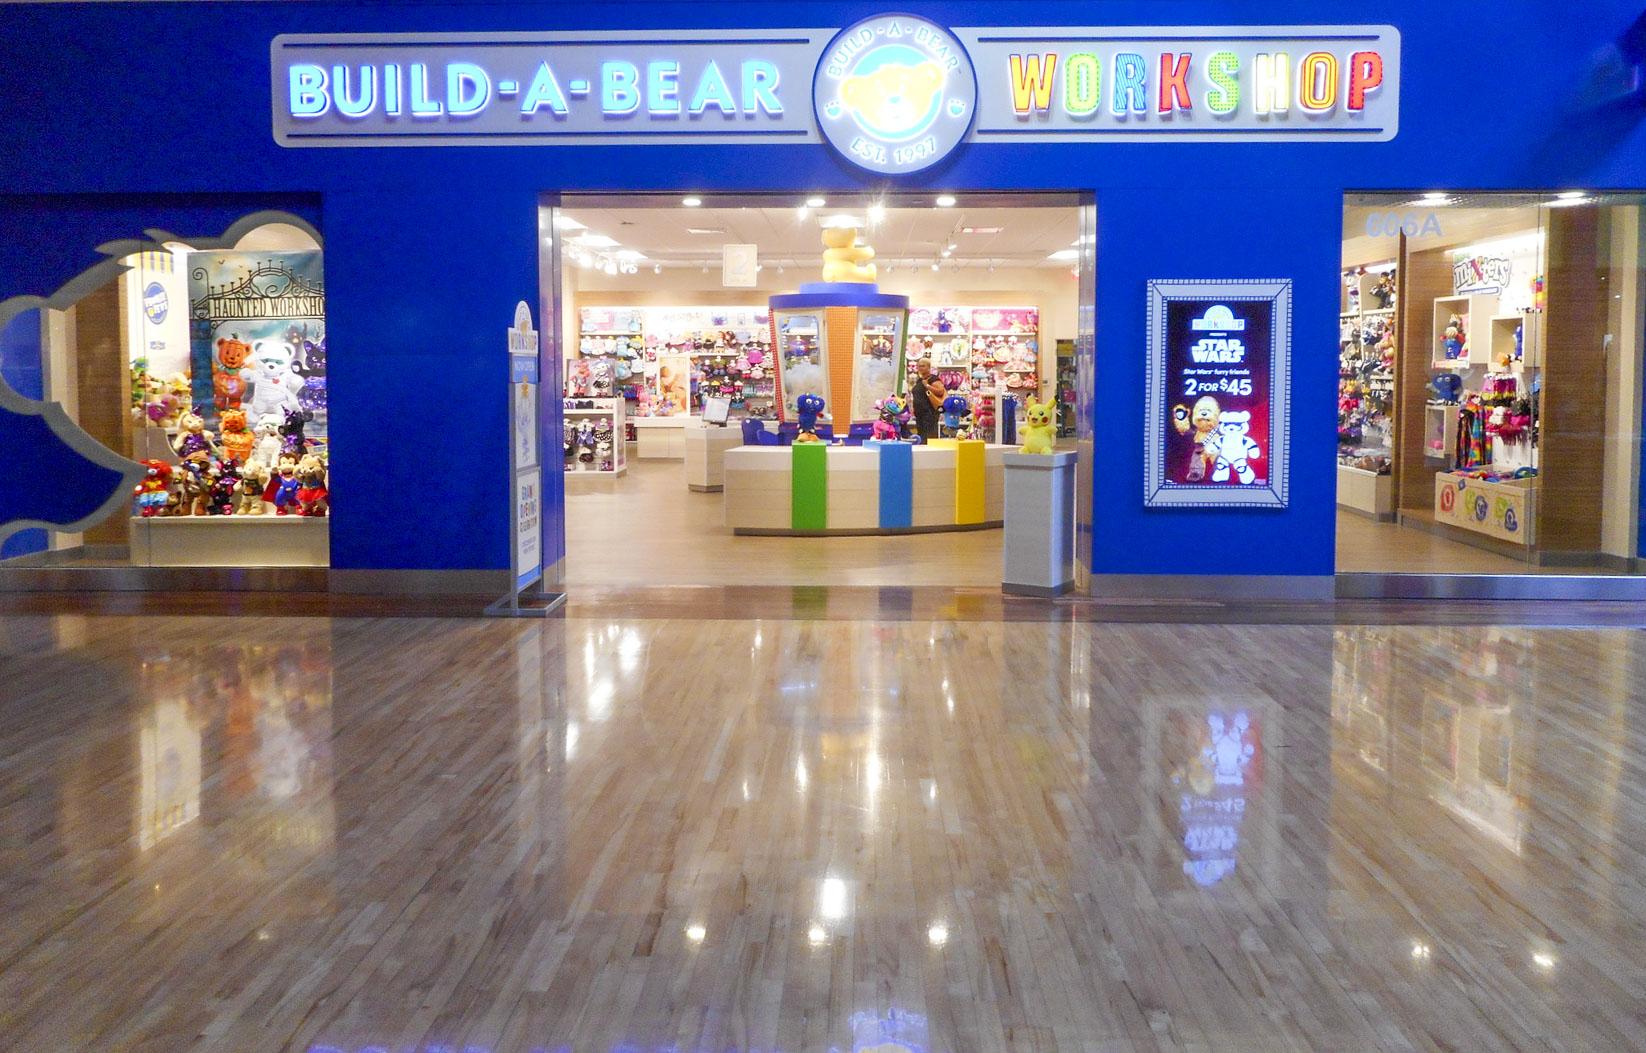 Build-A-Bear Workshop (Katy Mills)